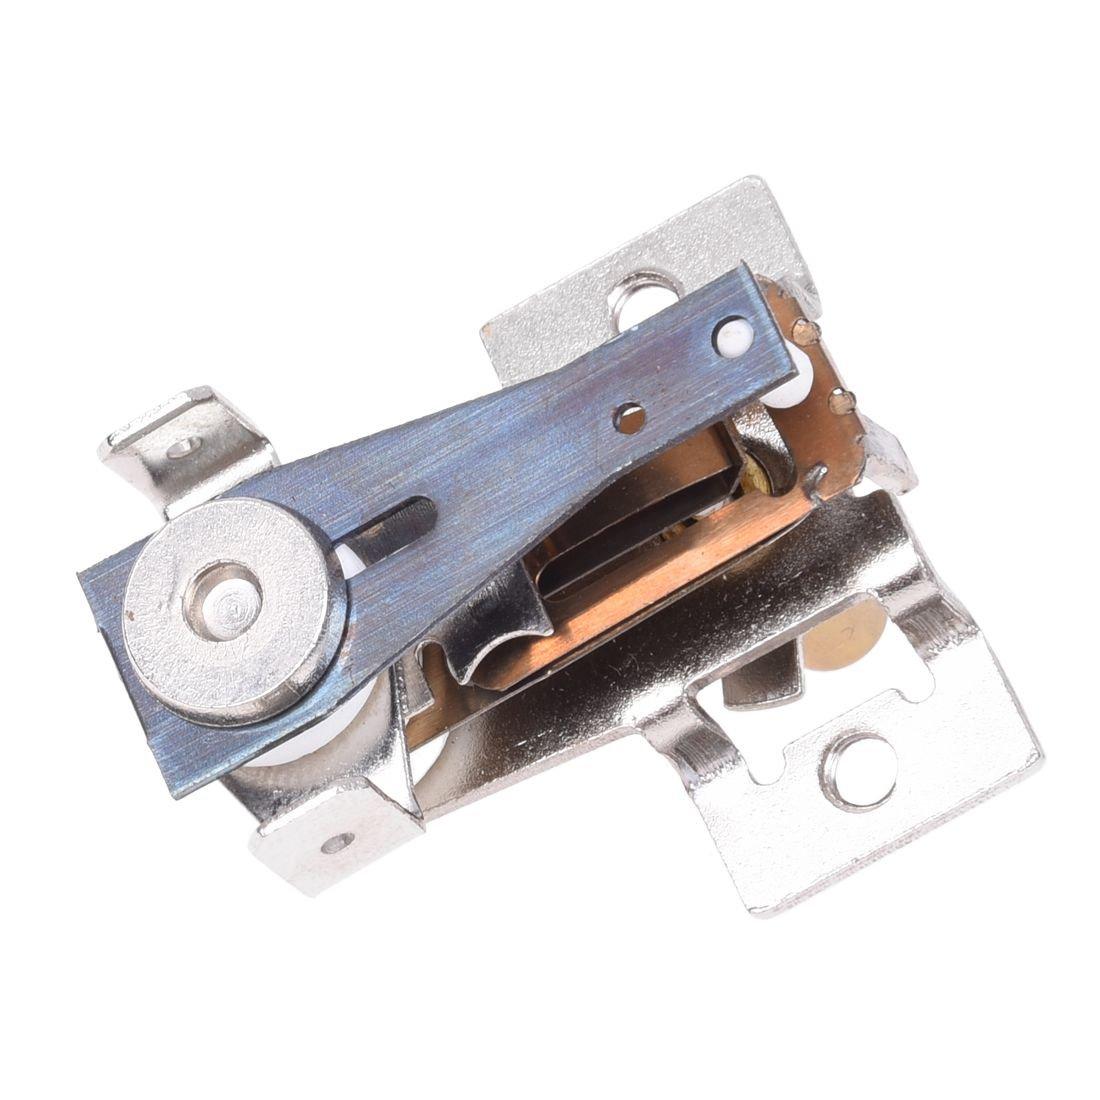 SODIAL Controlador termic termostato de sustitucion de horno electrico de cocina AC 220V 10A R Controlador termostato